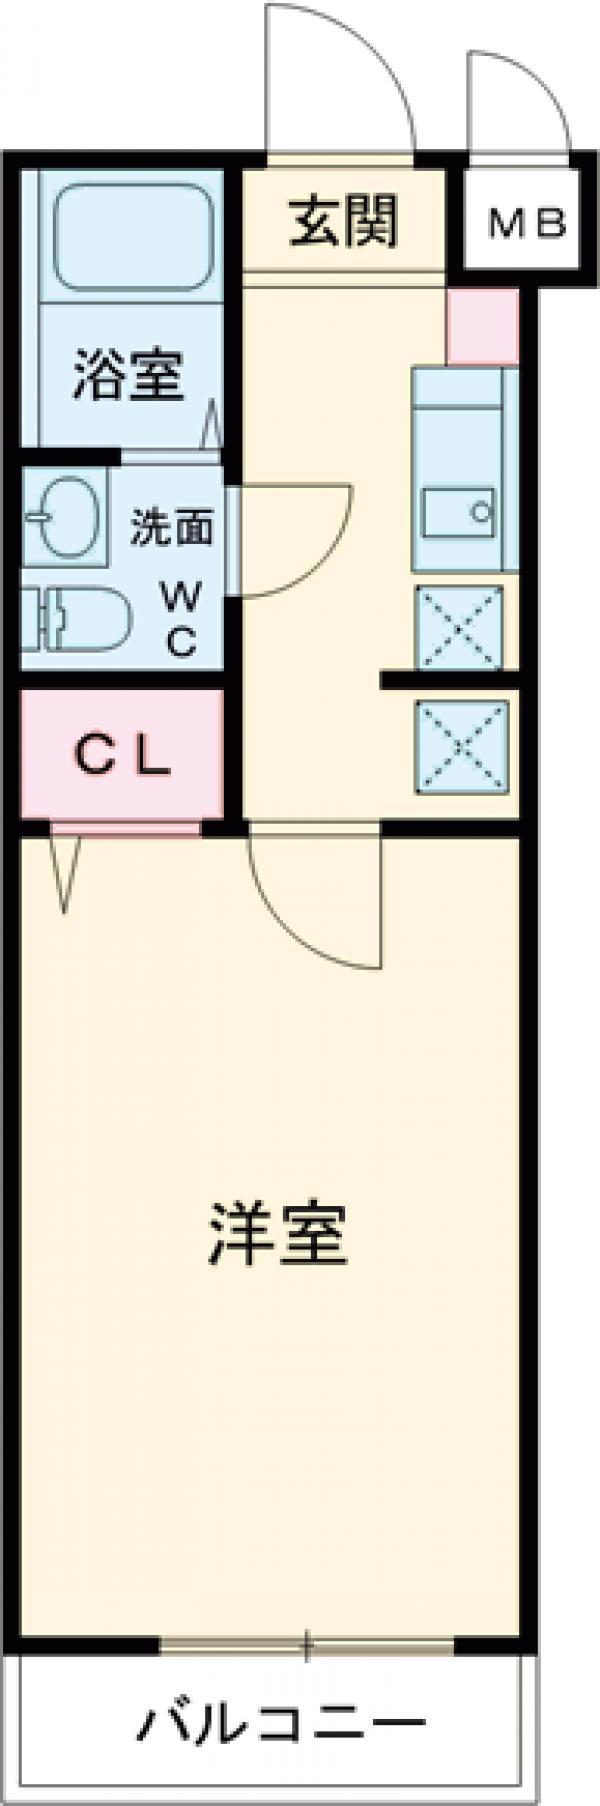 エスパシオ西高島平・404号室の間取り